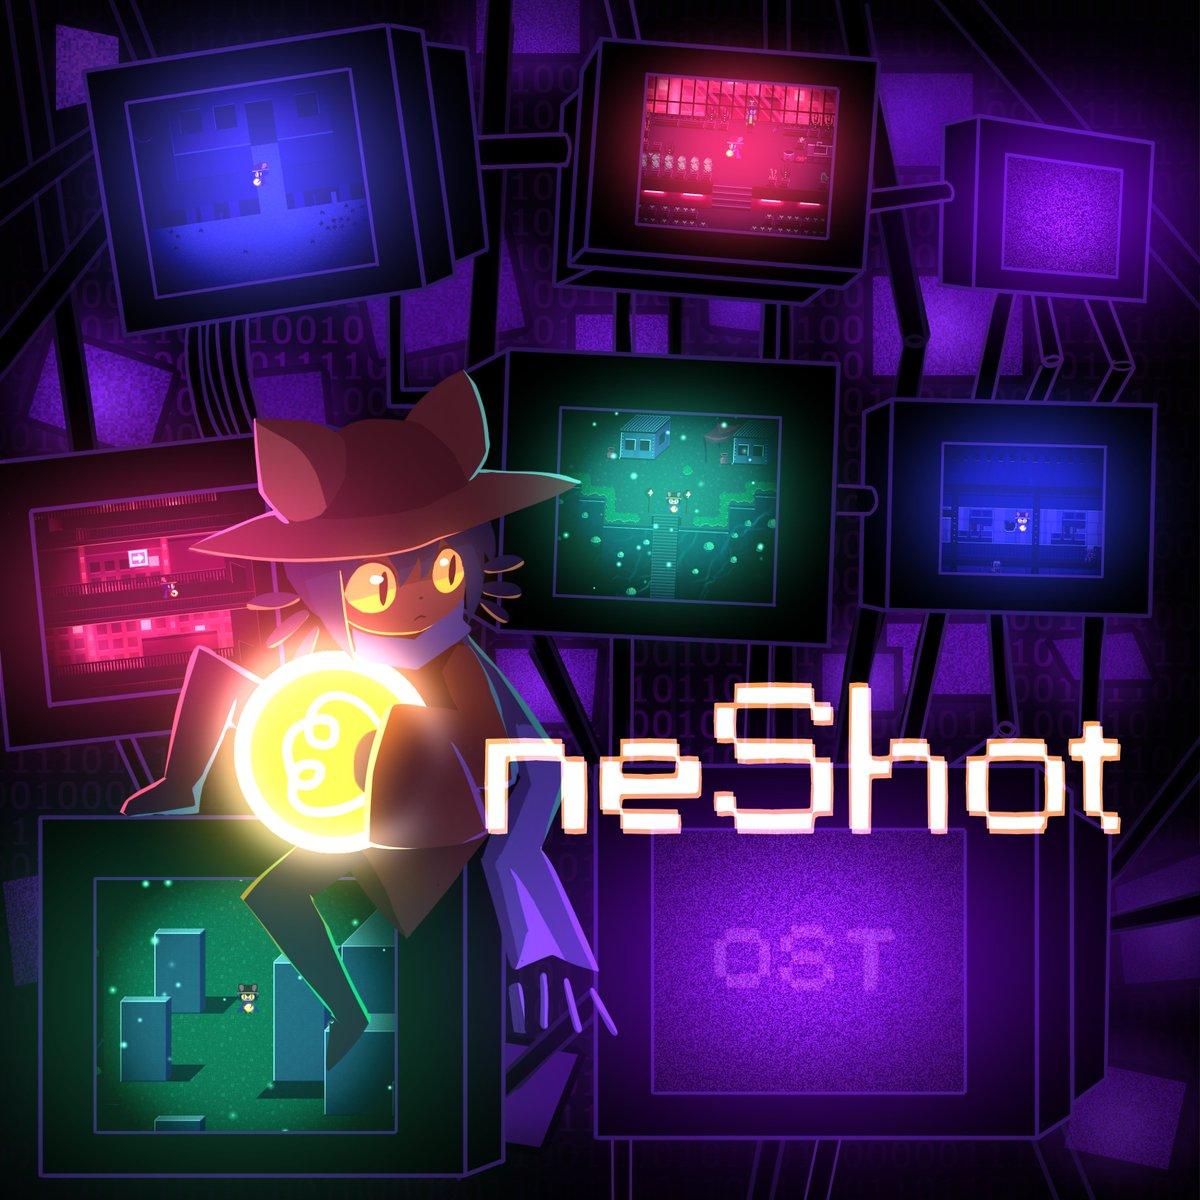 OneShot - The Album